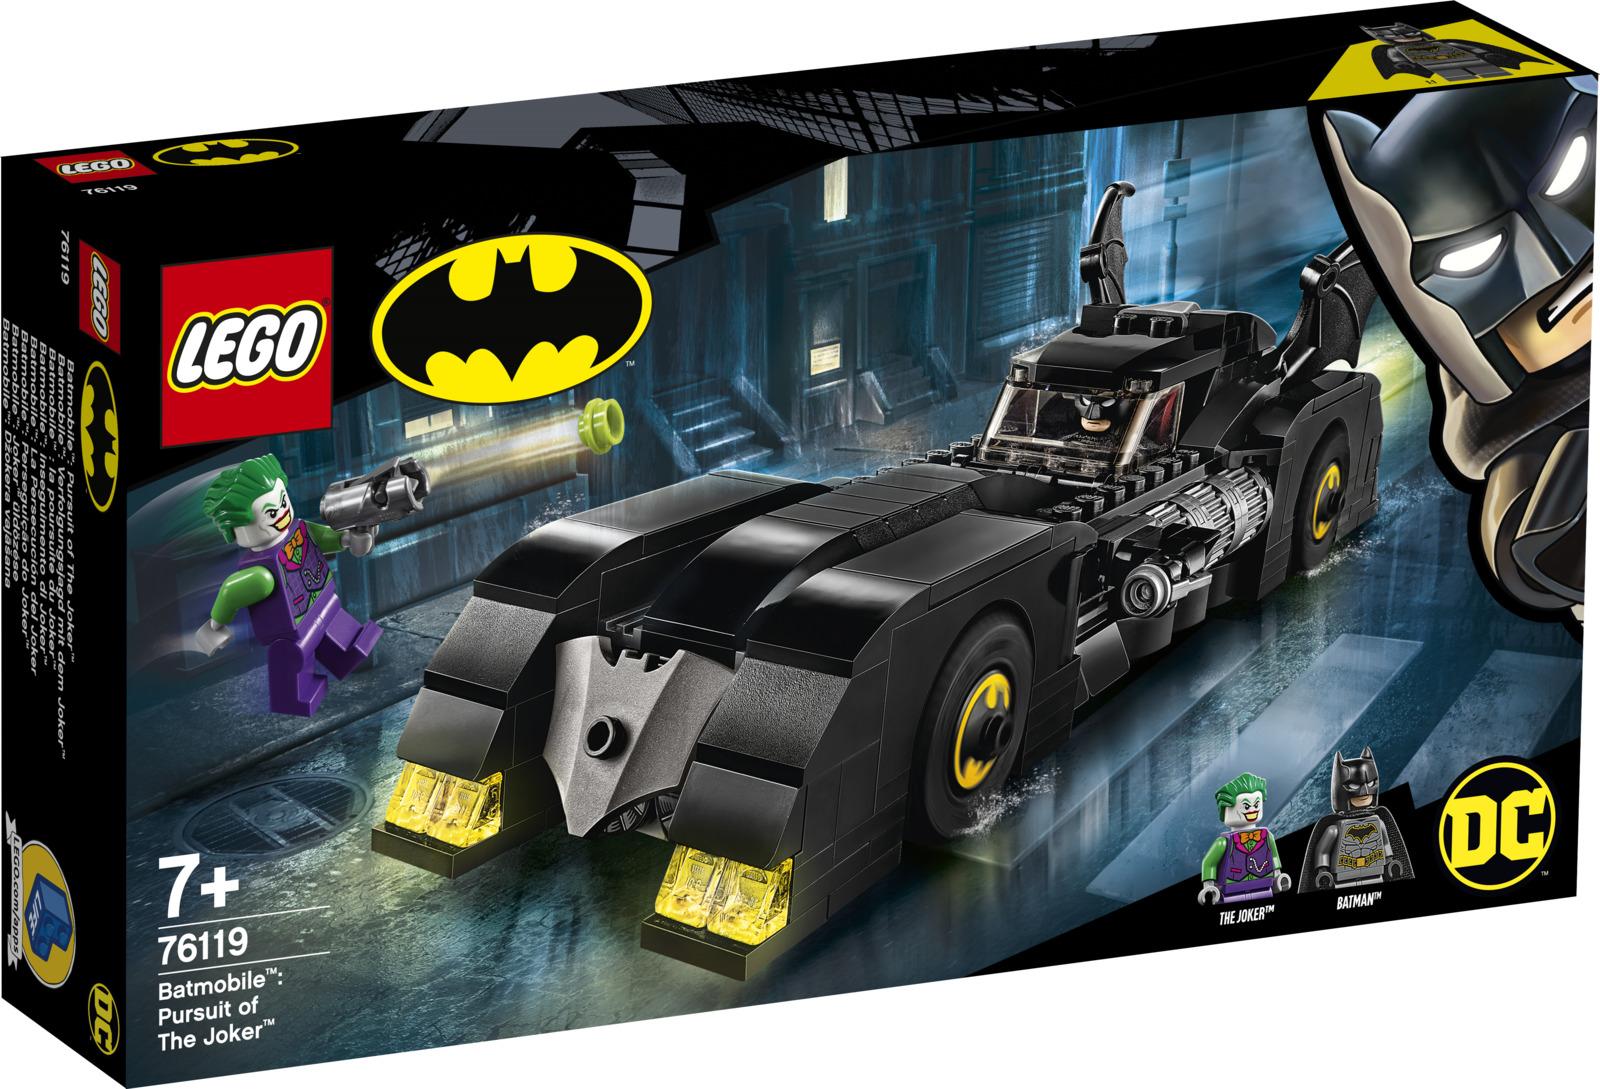 LEGO Super Heroes 76119 Бэтмобиль: Погоня за Джокером Конструктор lego super heroes 76085 конструктор лего супер герои битва за атлантиду